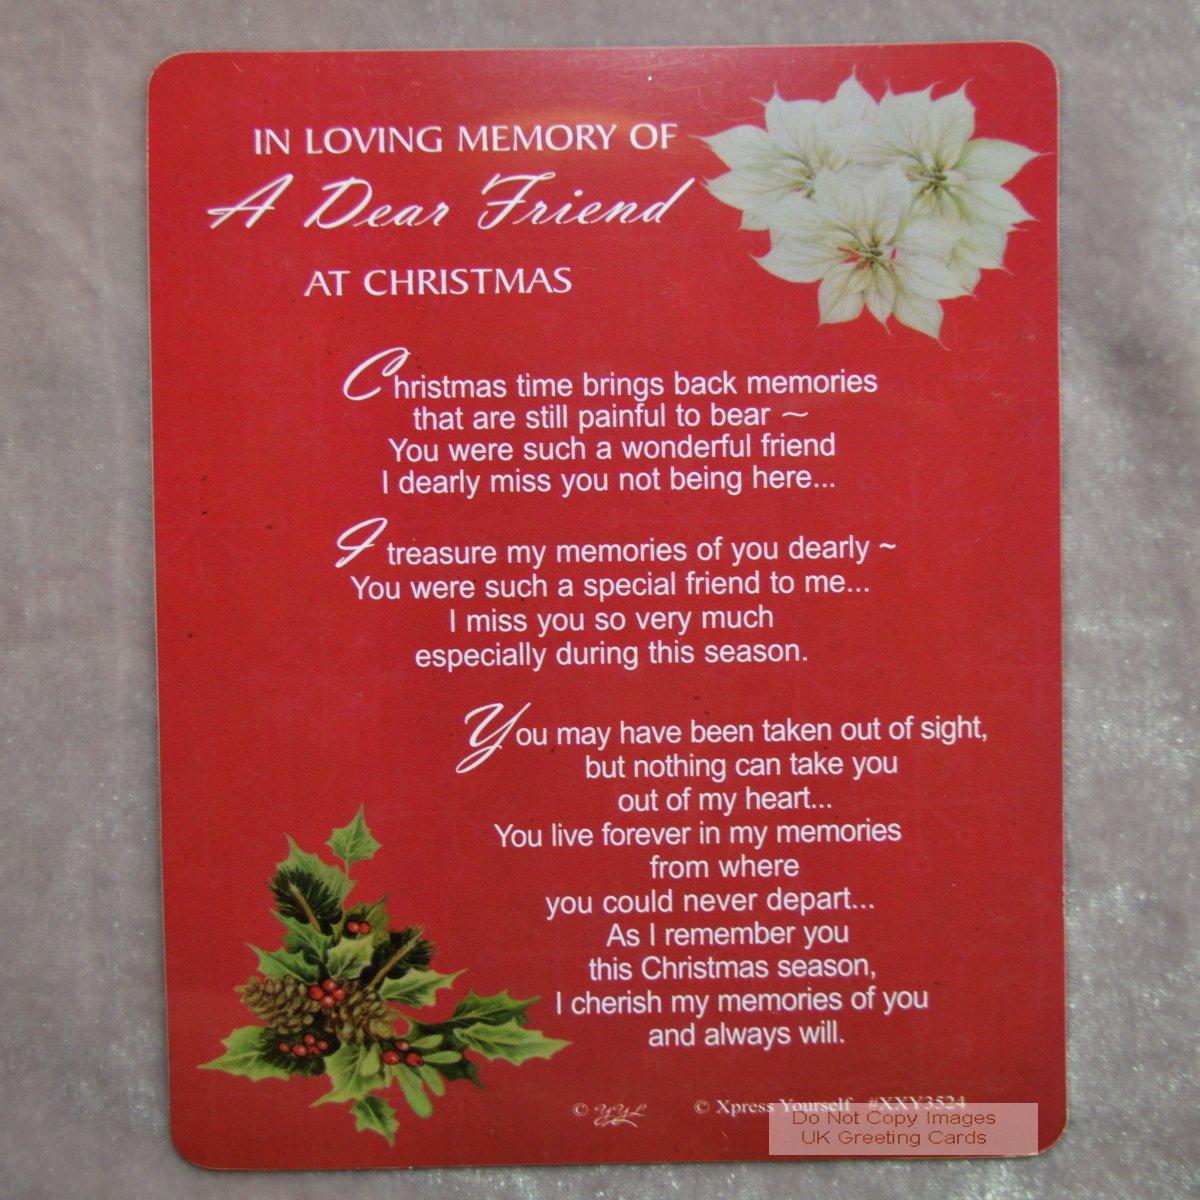 Graveside Memorial Christmas Card Holder In Loving Memory Of A